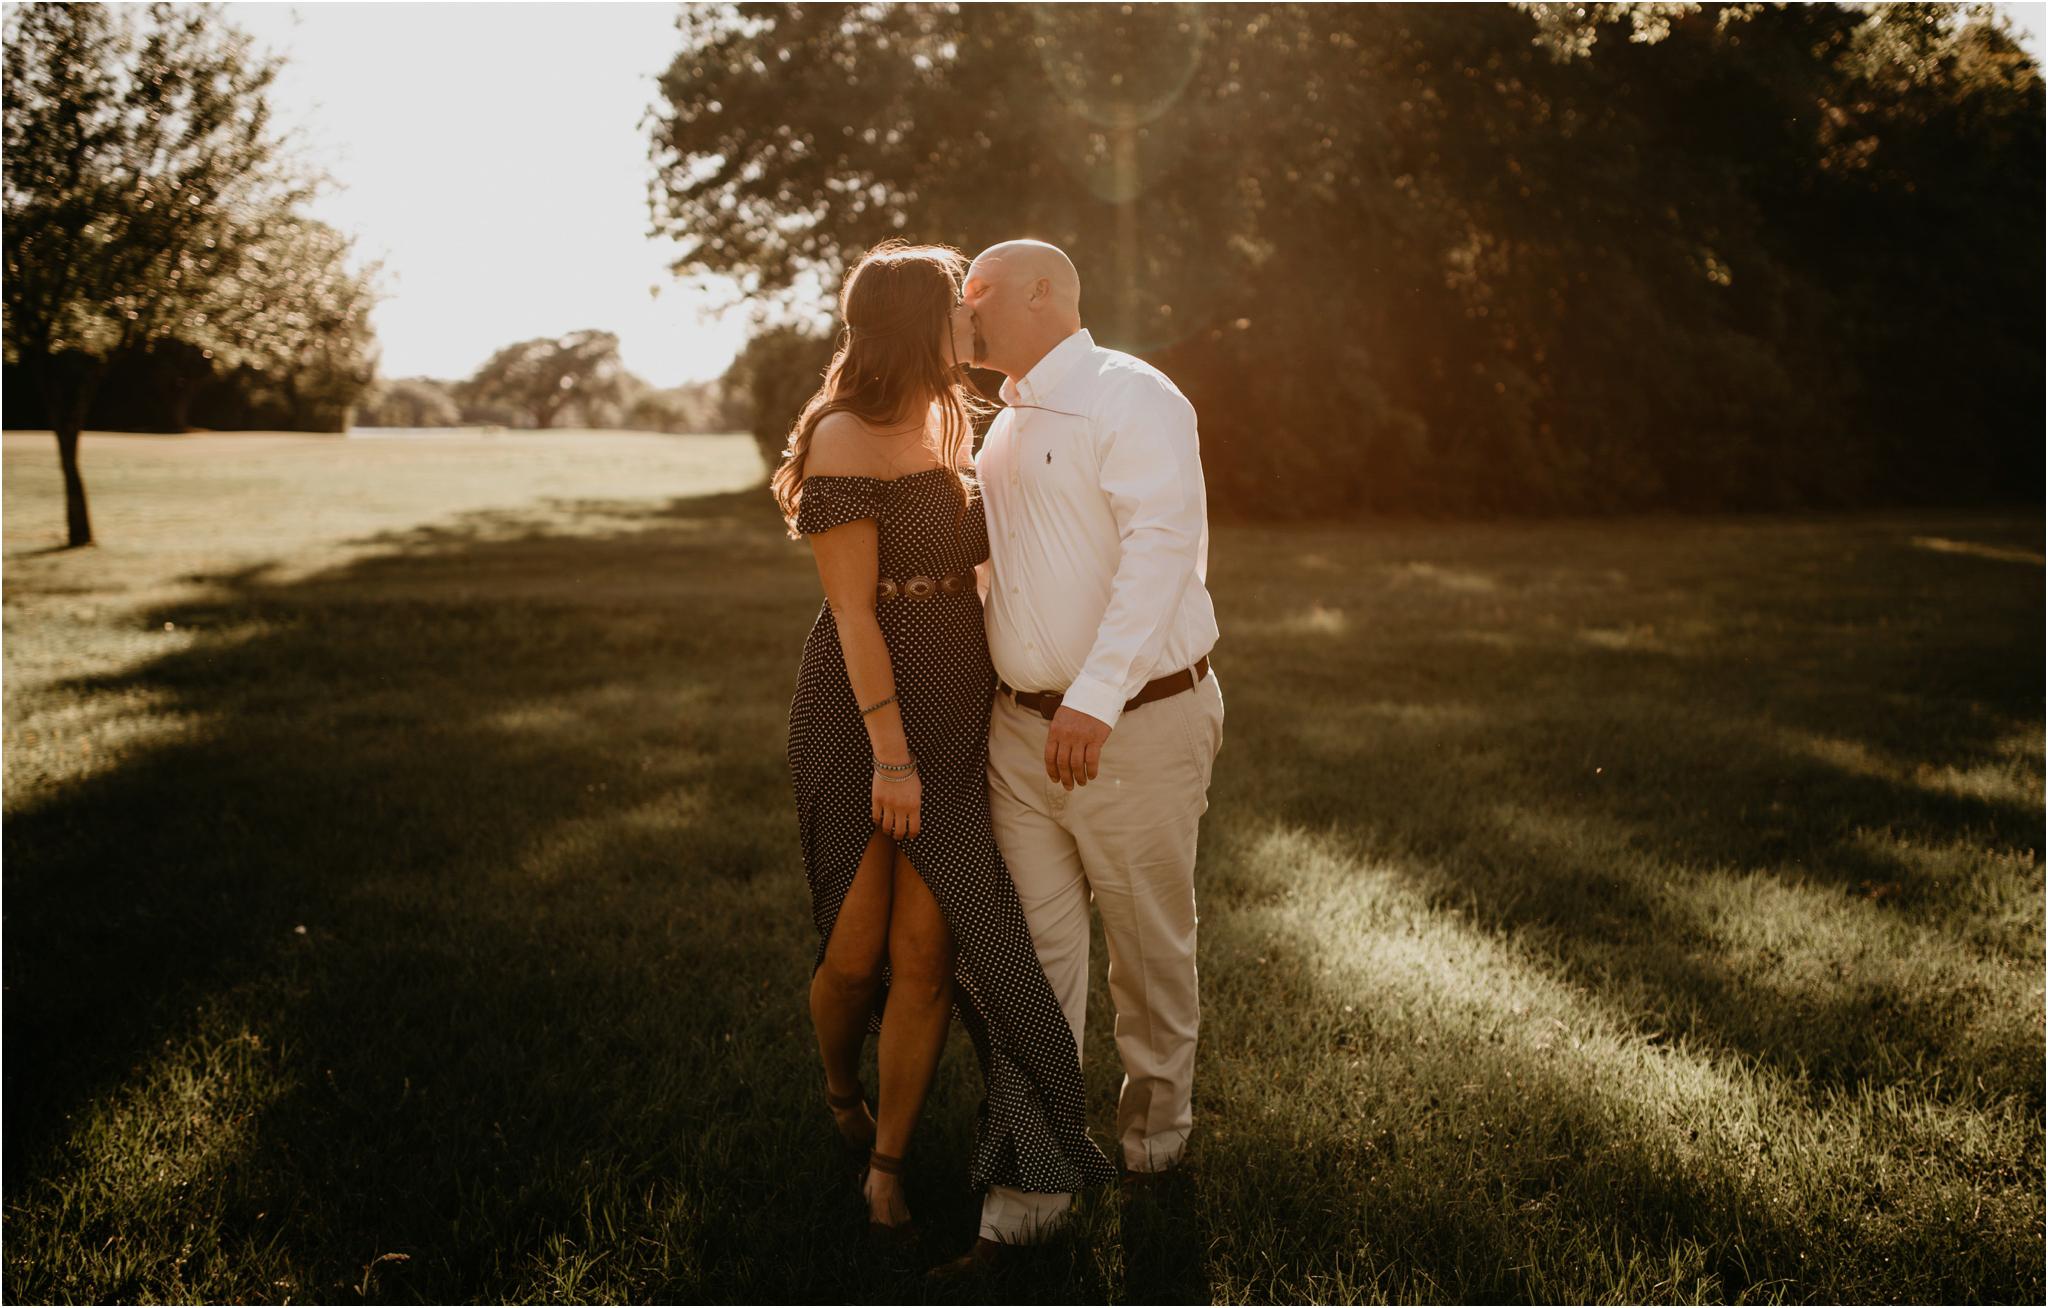 katie-and-eric-houston-oaks-engagement-session-houston-wedding-photographer-005.jpg